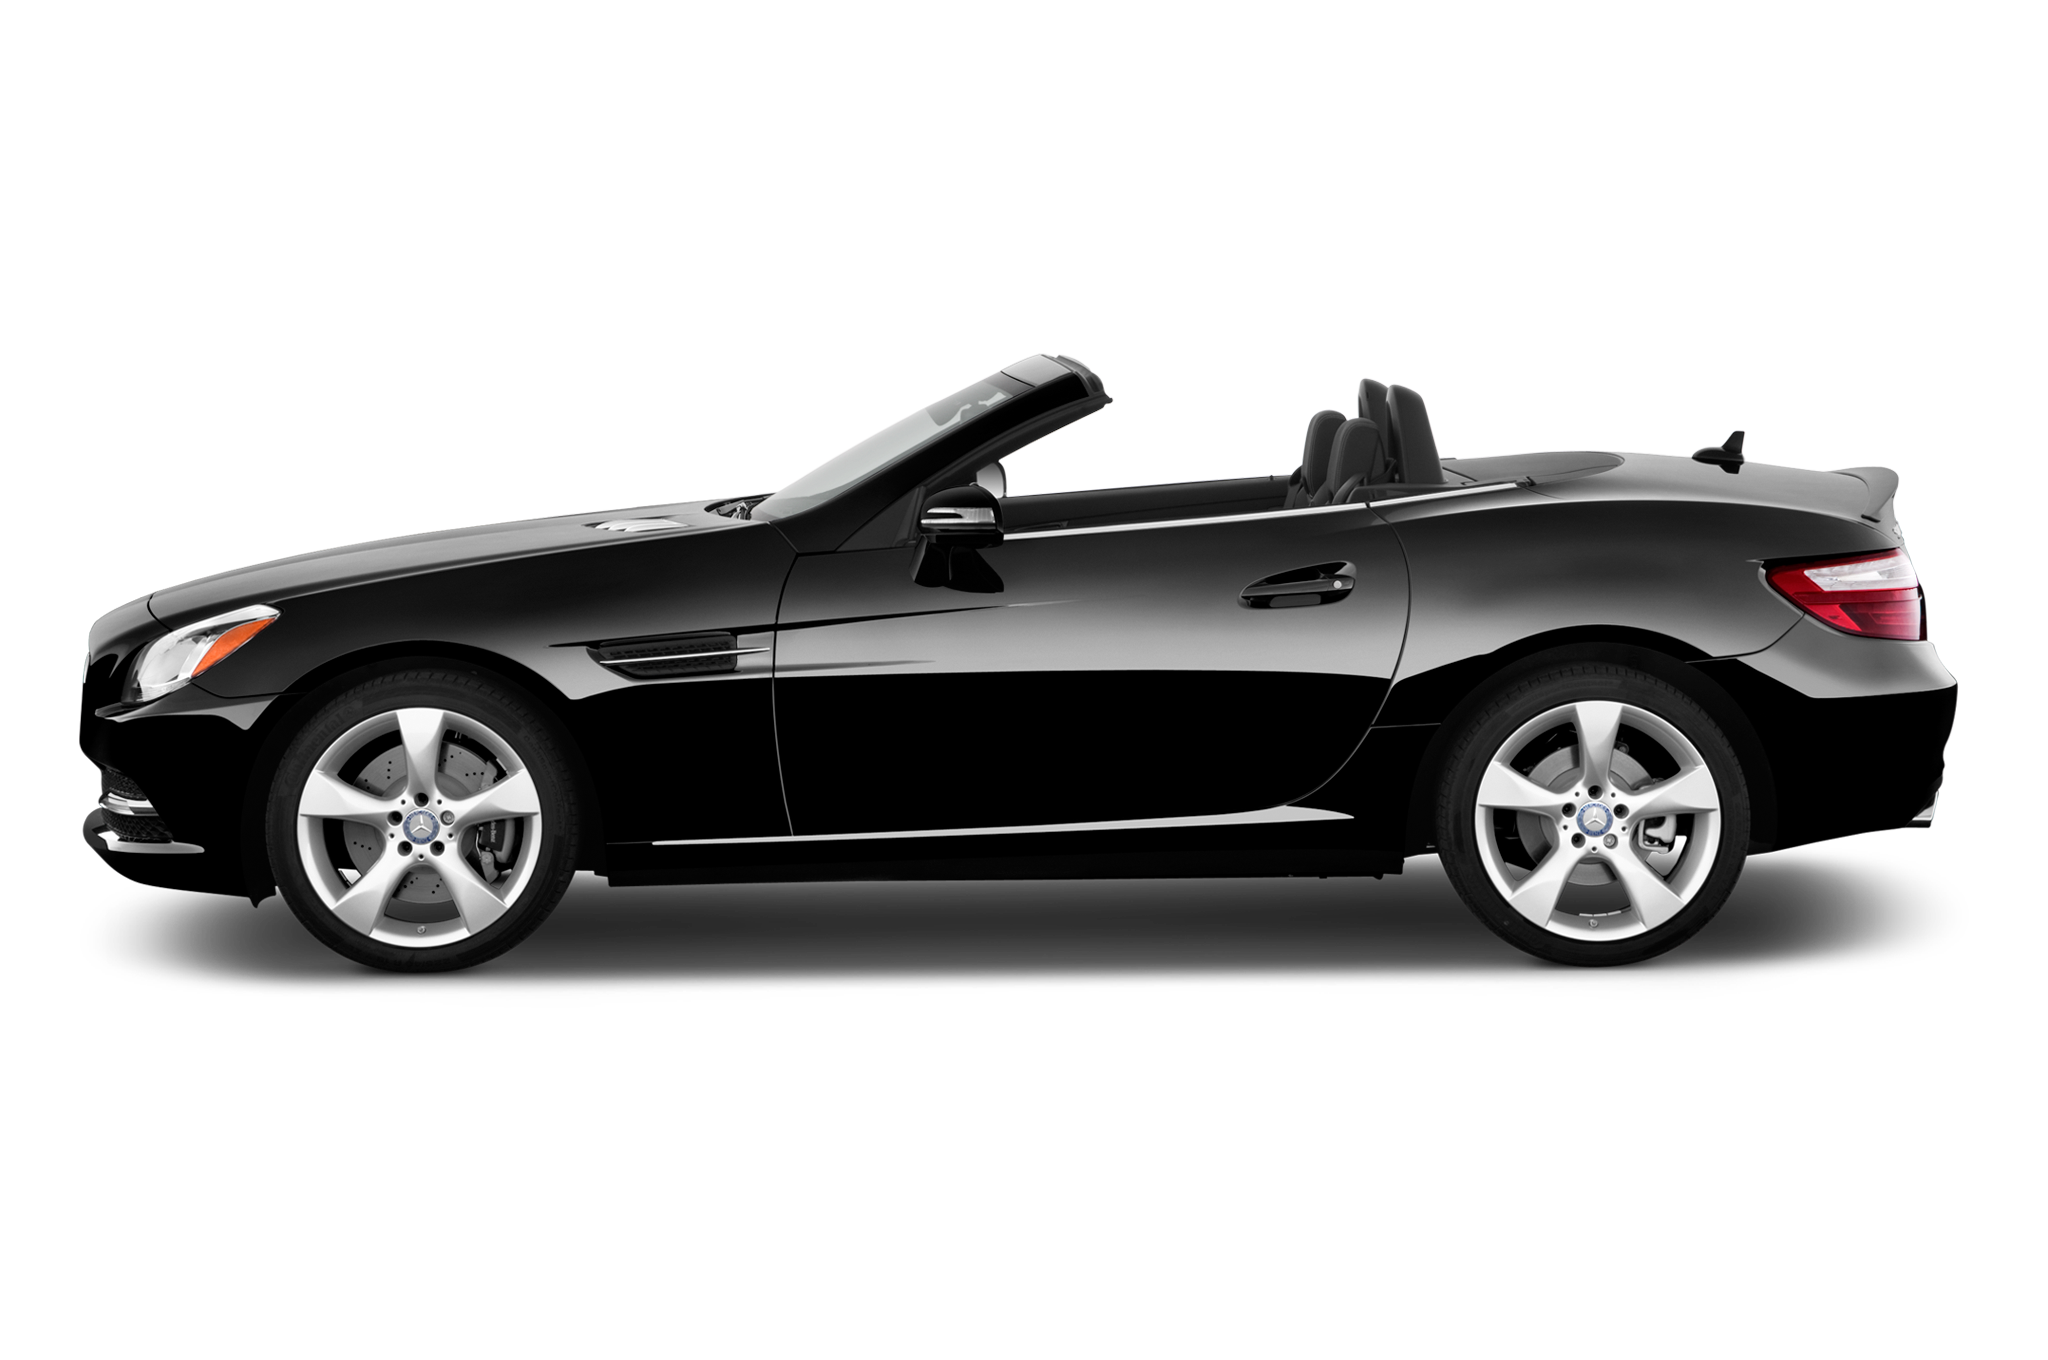 Mercedes-Benz SLK-klasse AMG III (R172) 2012 - 2016 Roadster #2